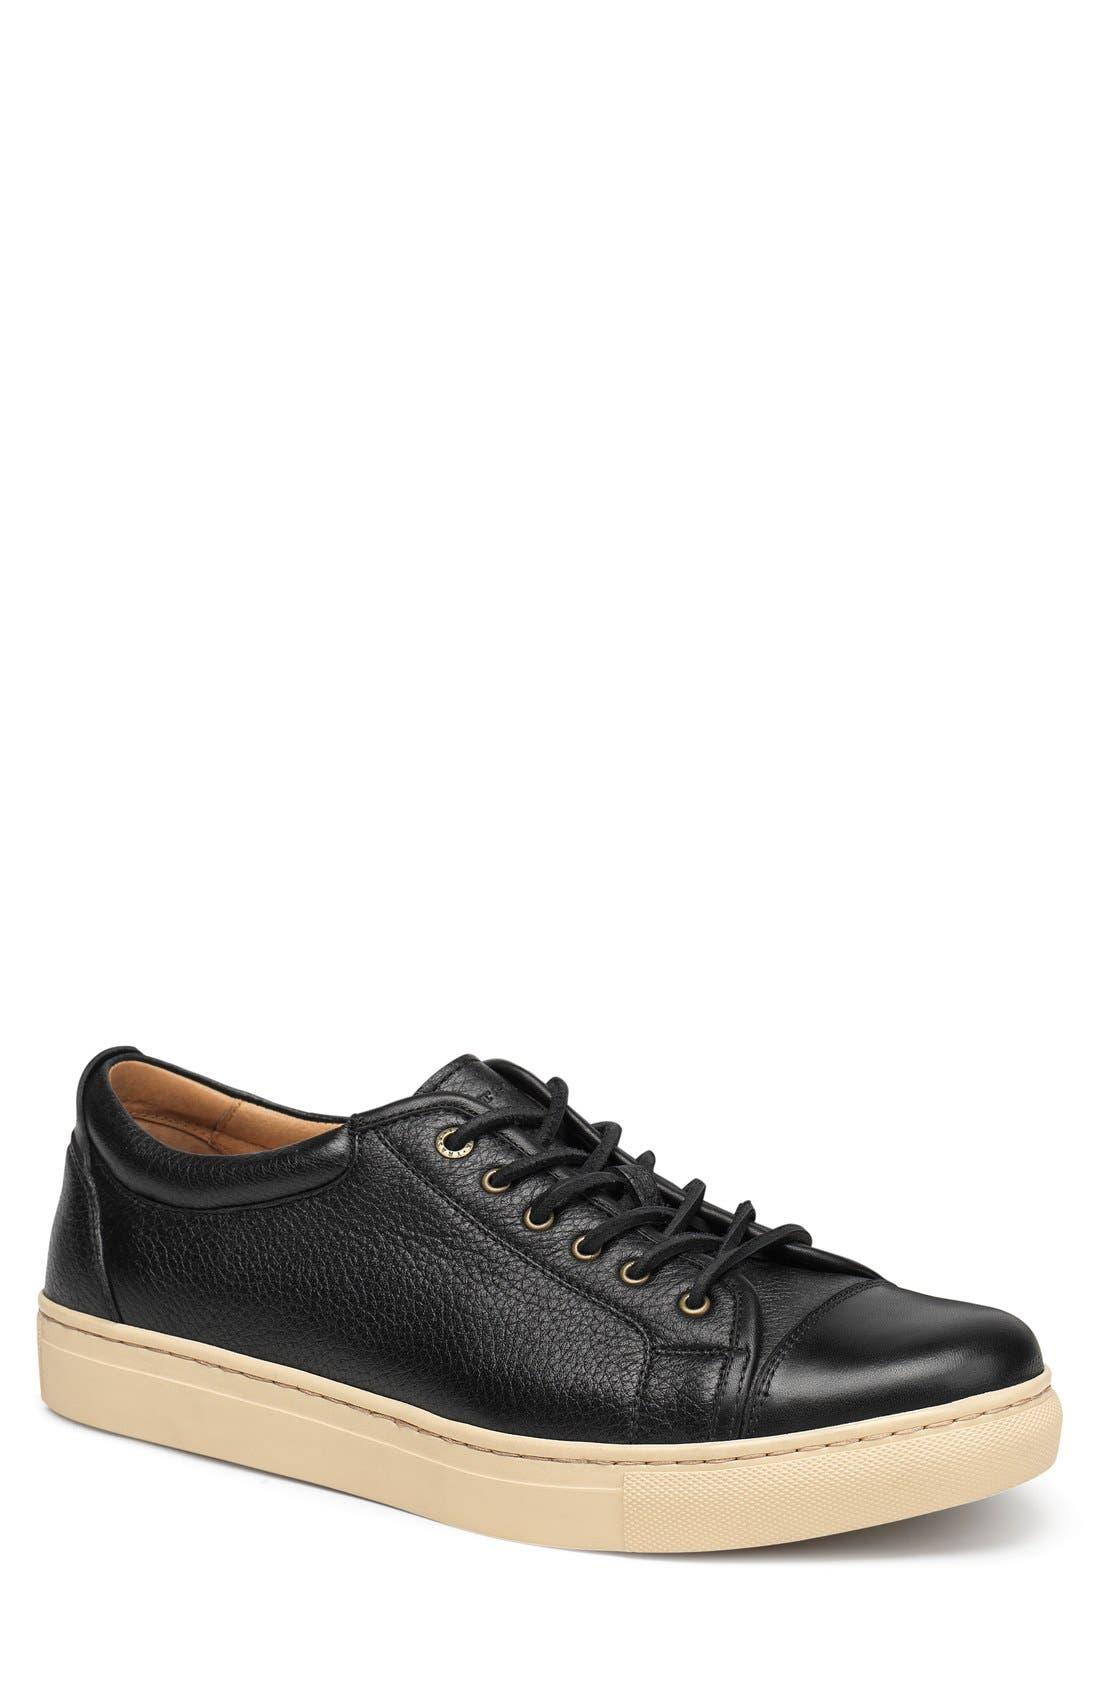 Trask 'Beck' Sneaker (Men)